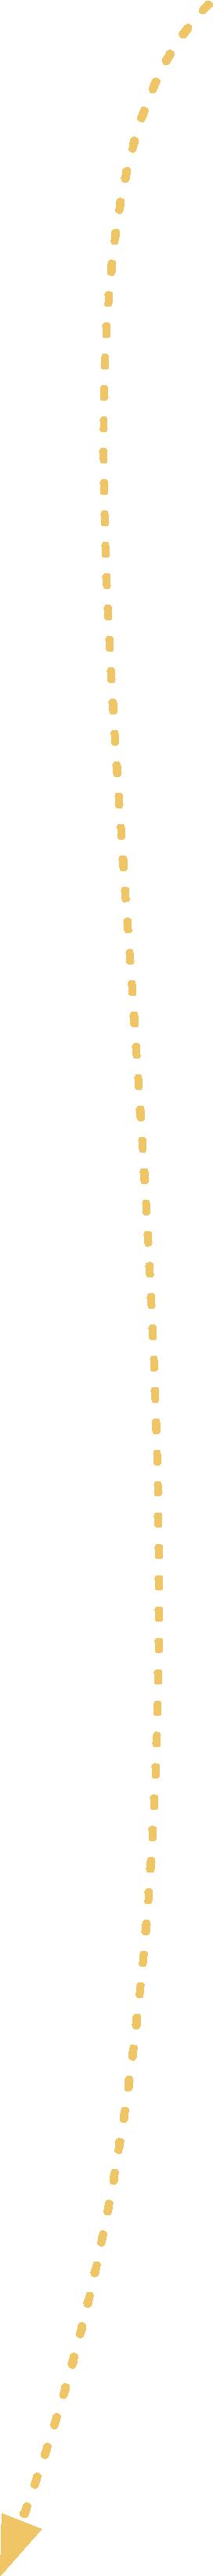 Flèche-2